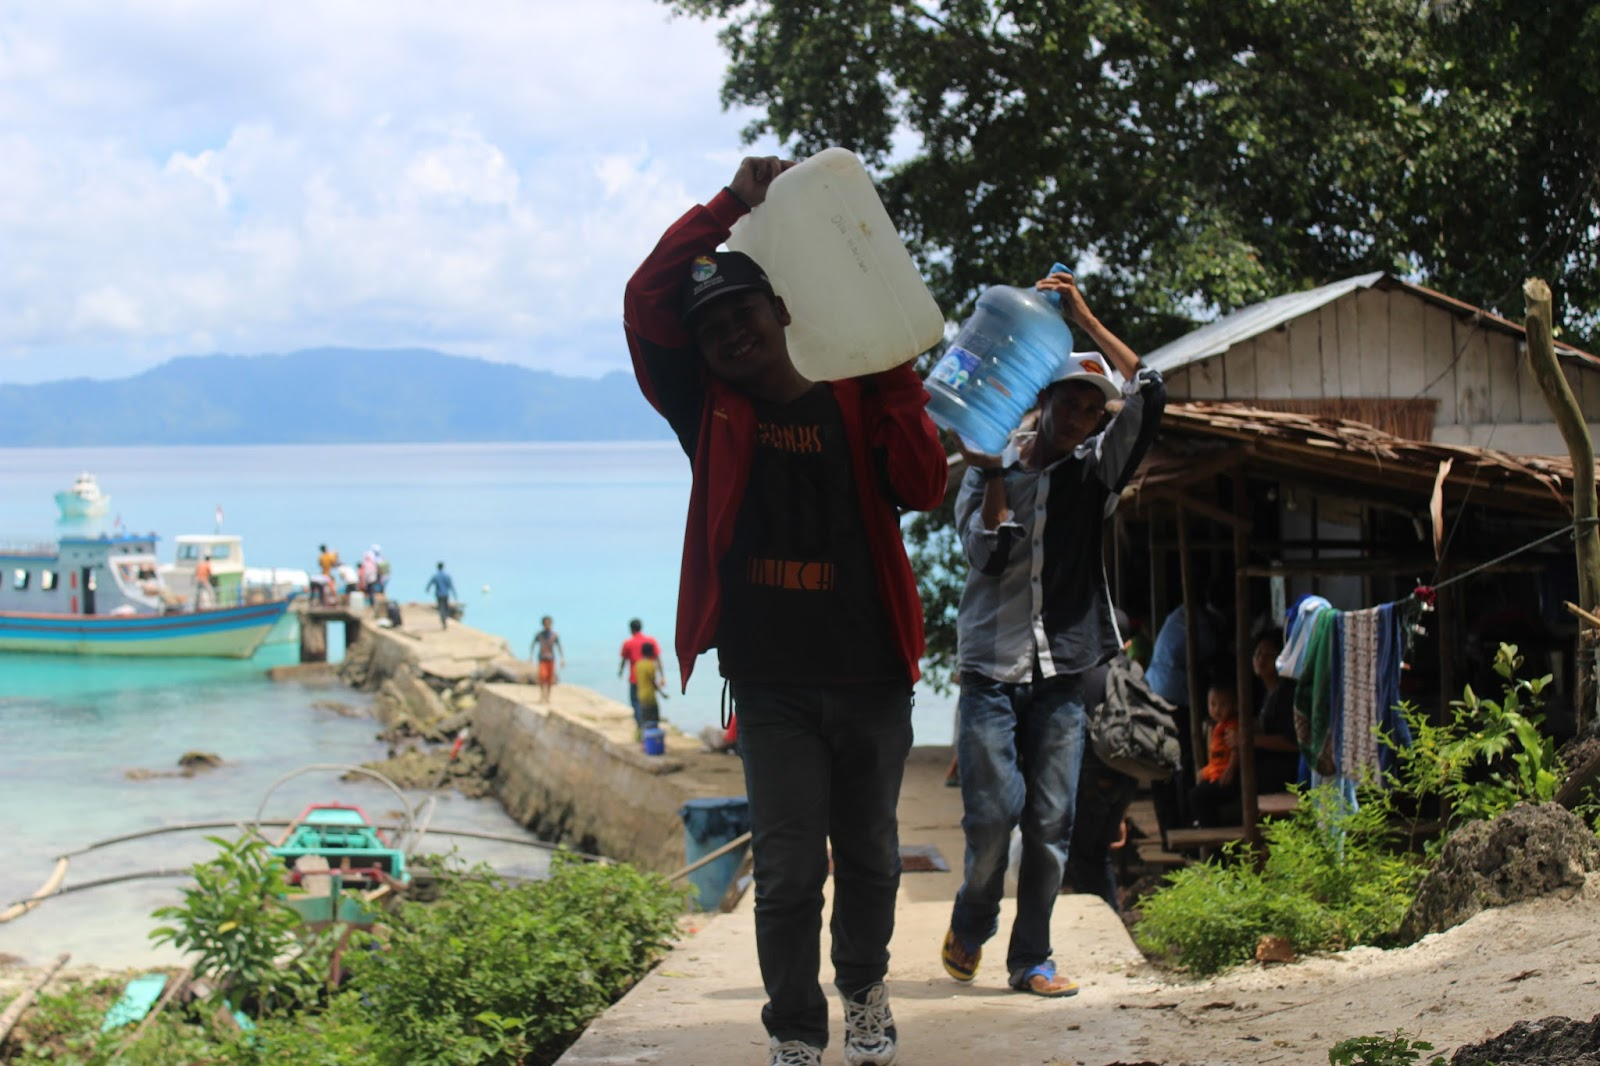 Wisata Di Indonesia Pesona Laut Siumat Di Ujung Pulau Simeulue